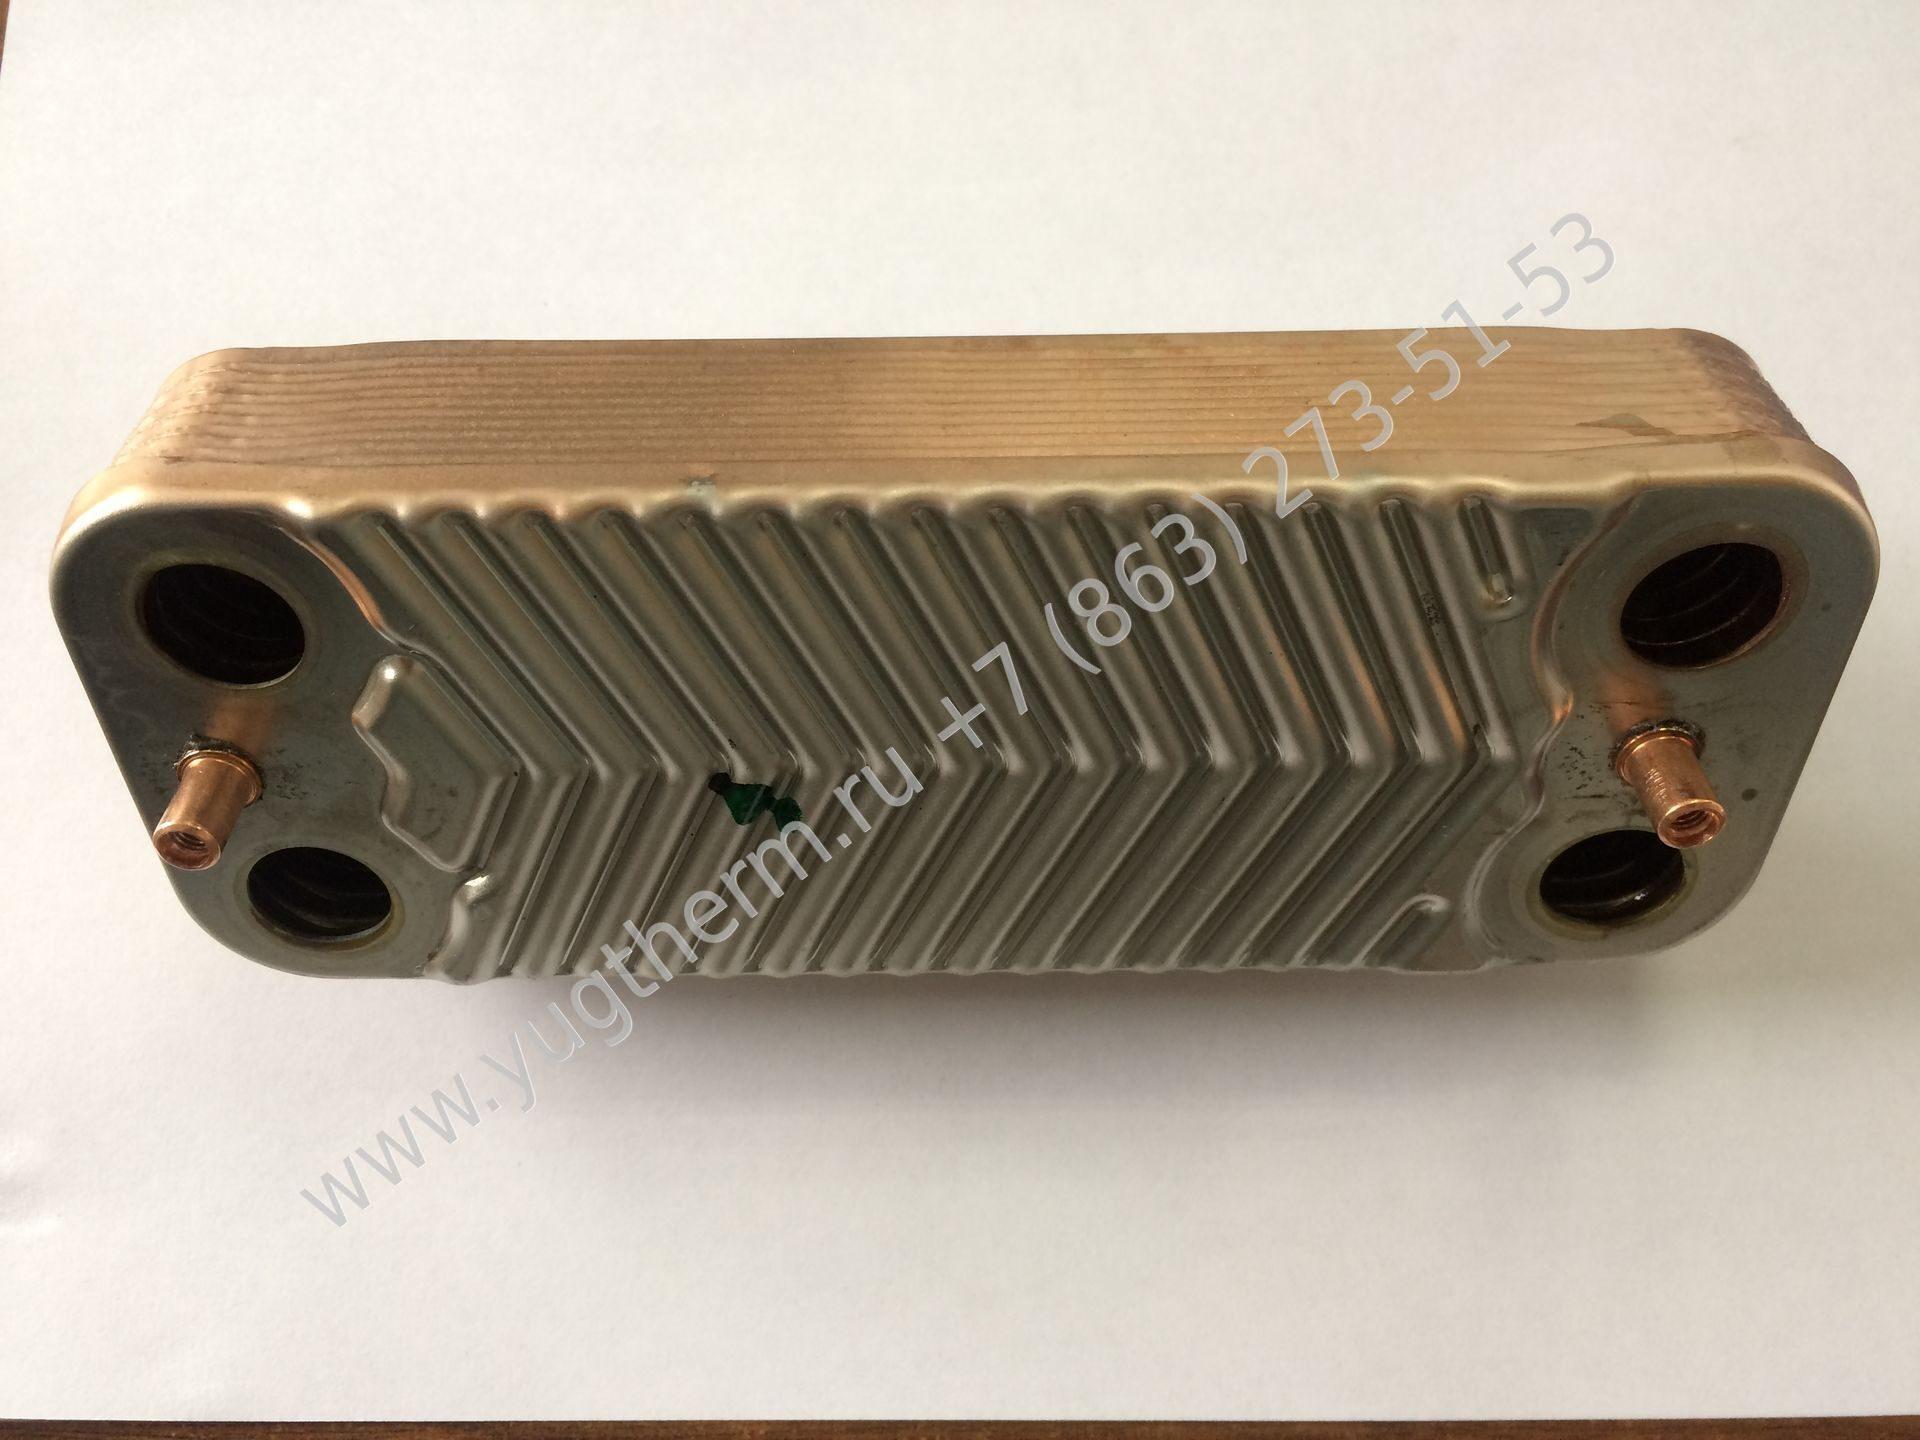 Теплообменник пластинчатый цена теплообменник пластинчатый разборный fp 08 11 1 eh цена